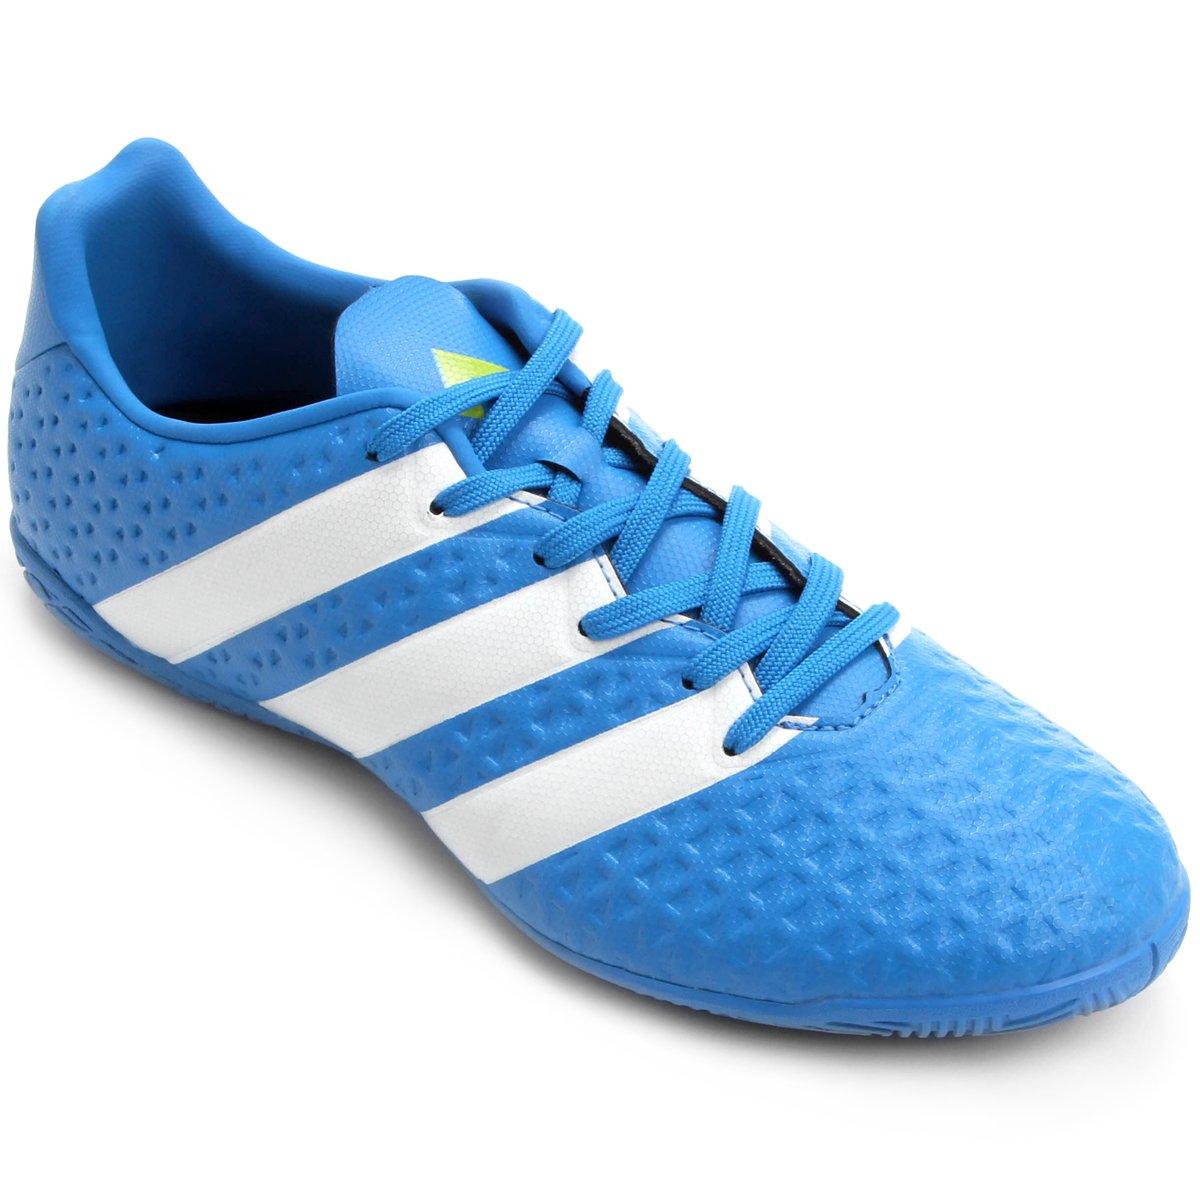 c1d863d70 chuteira adidas futsal. Carregando zoom. adidas azul chuteira